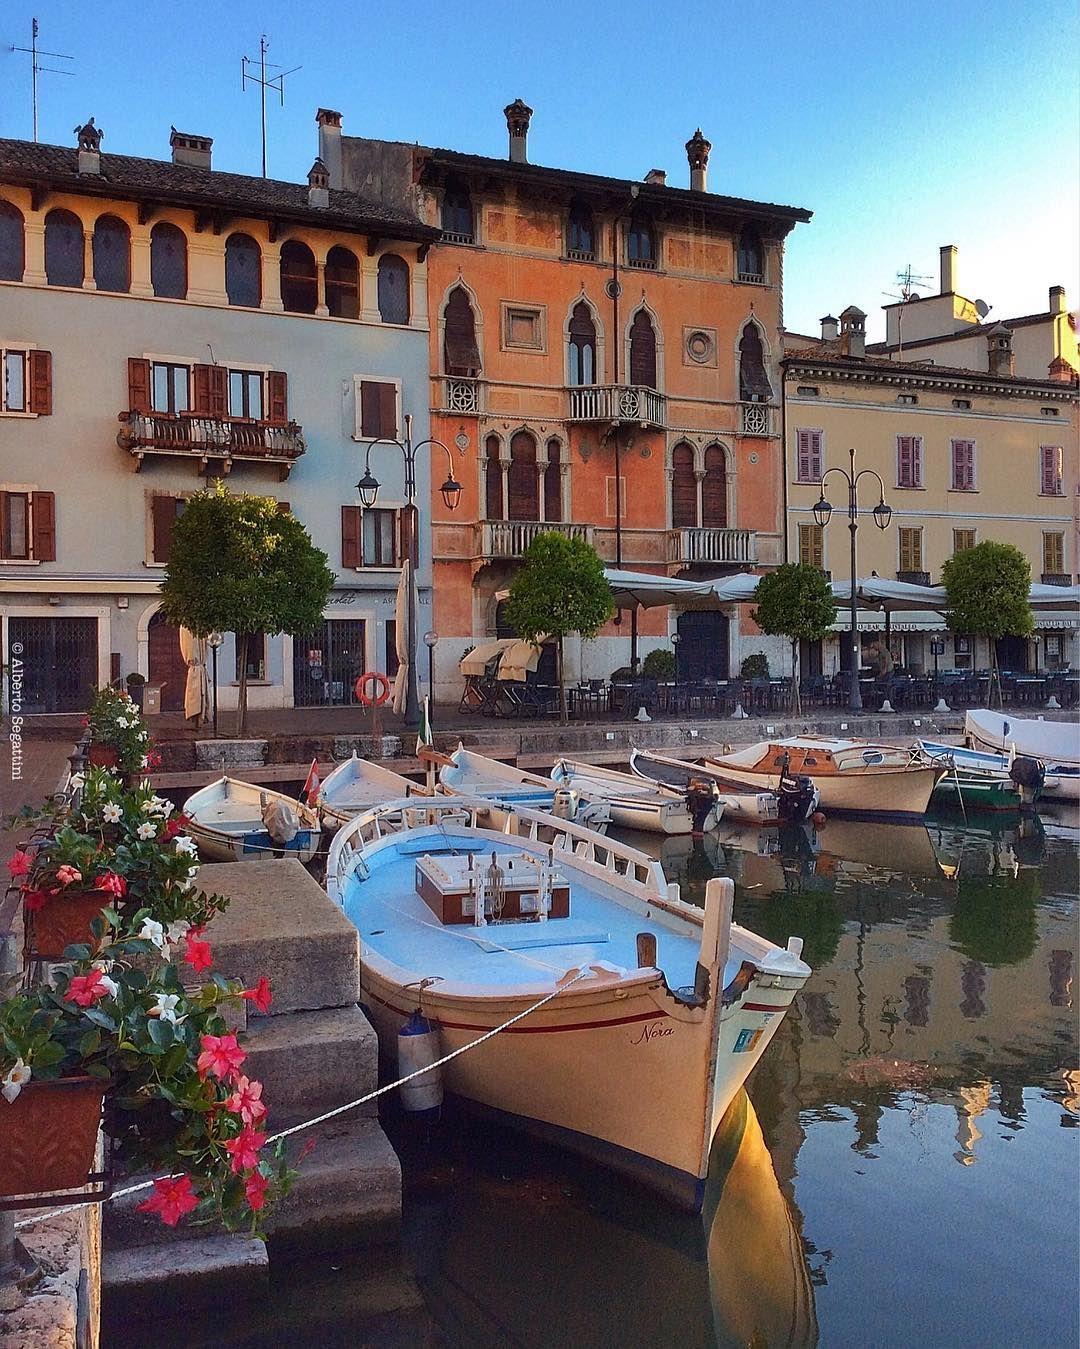 #instagarda #gardaoutdoors #photogc #top_lombardia_photo #volgolombardia #bestlombardiapics #vivomilano #lombardia_reporter #thehub_lombardia #top_italia_photo #visititalia #italy_photolovers #italia_da_scoprire #italia_landscape #volgoitalia #bestitaliapics #italiainunoscatto #pocket_italy  #ig_italy  #thehubitalia #yallersitalia #la_houses #lory_landscape #kings_villages #kings_transports #igw_aqva #moon_vehicles  #infinity_hdr #italy_vacations